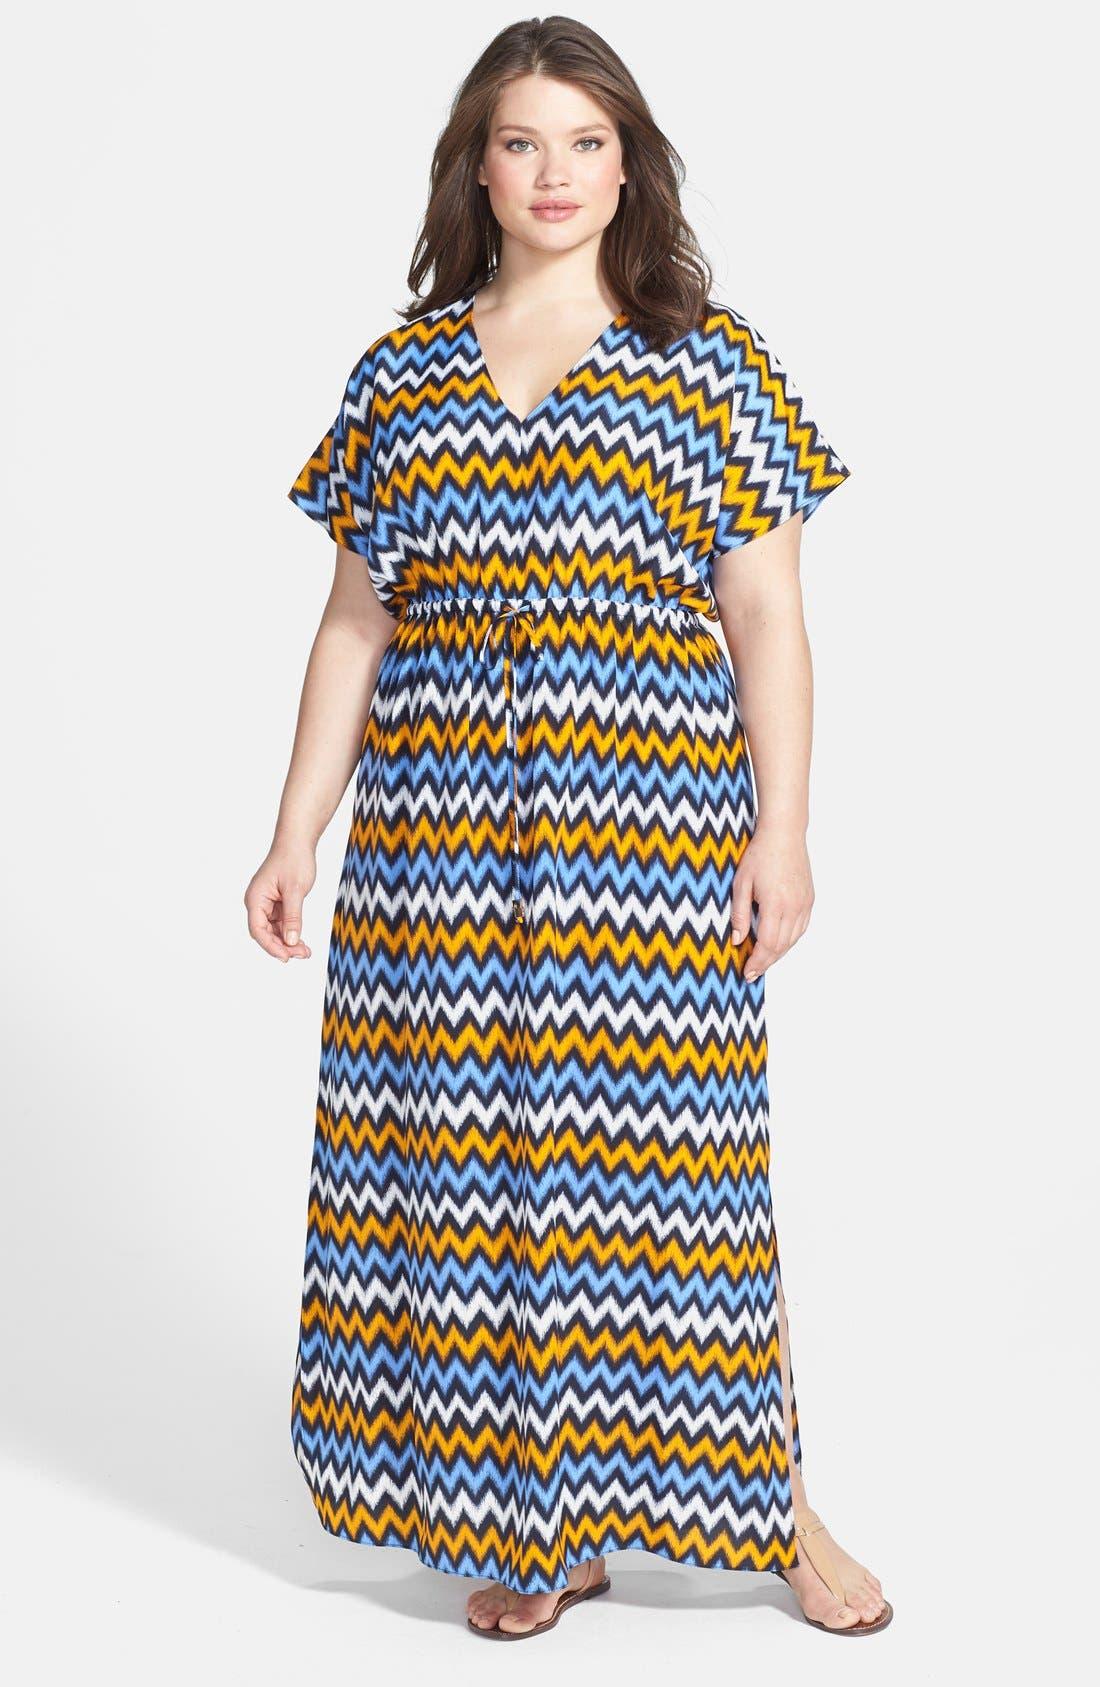 Alternate Image 1 Selected - MICHAEL Michael Kors Ikat Chevron Print V-Neck Maxi Dress (Plus Size)